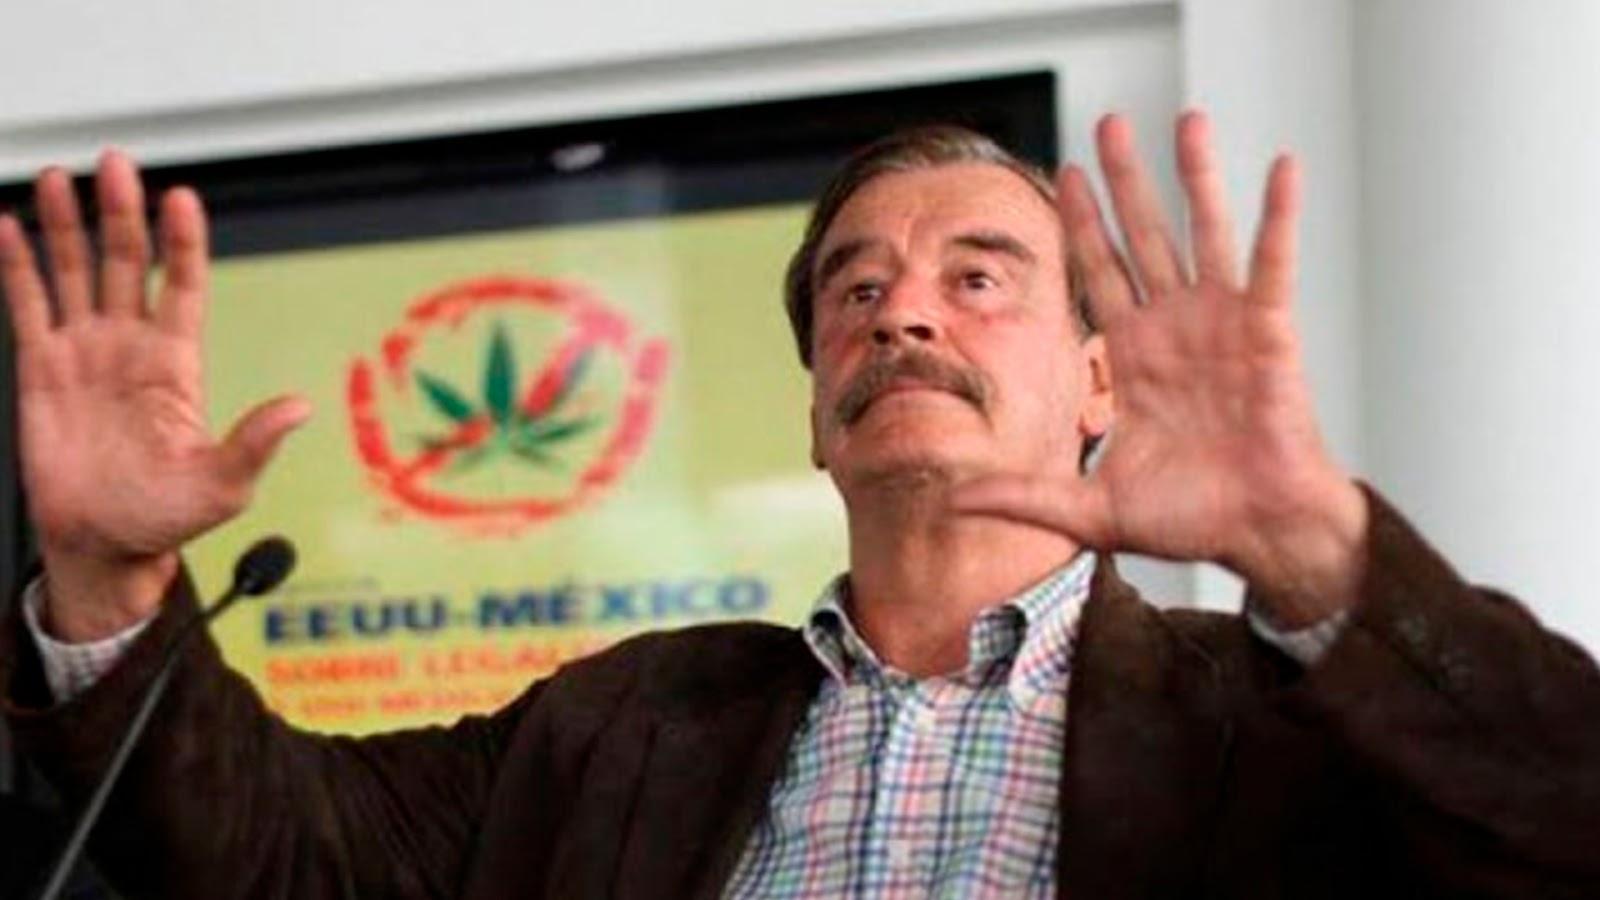 """""""Uy qué miedo, mira cómo estoy temblando"""", se burla Vicente Fox de AMLO."""